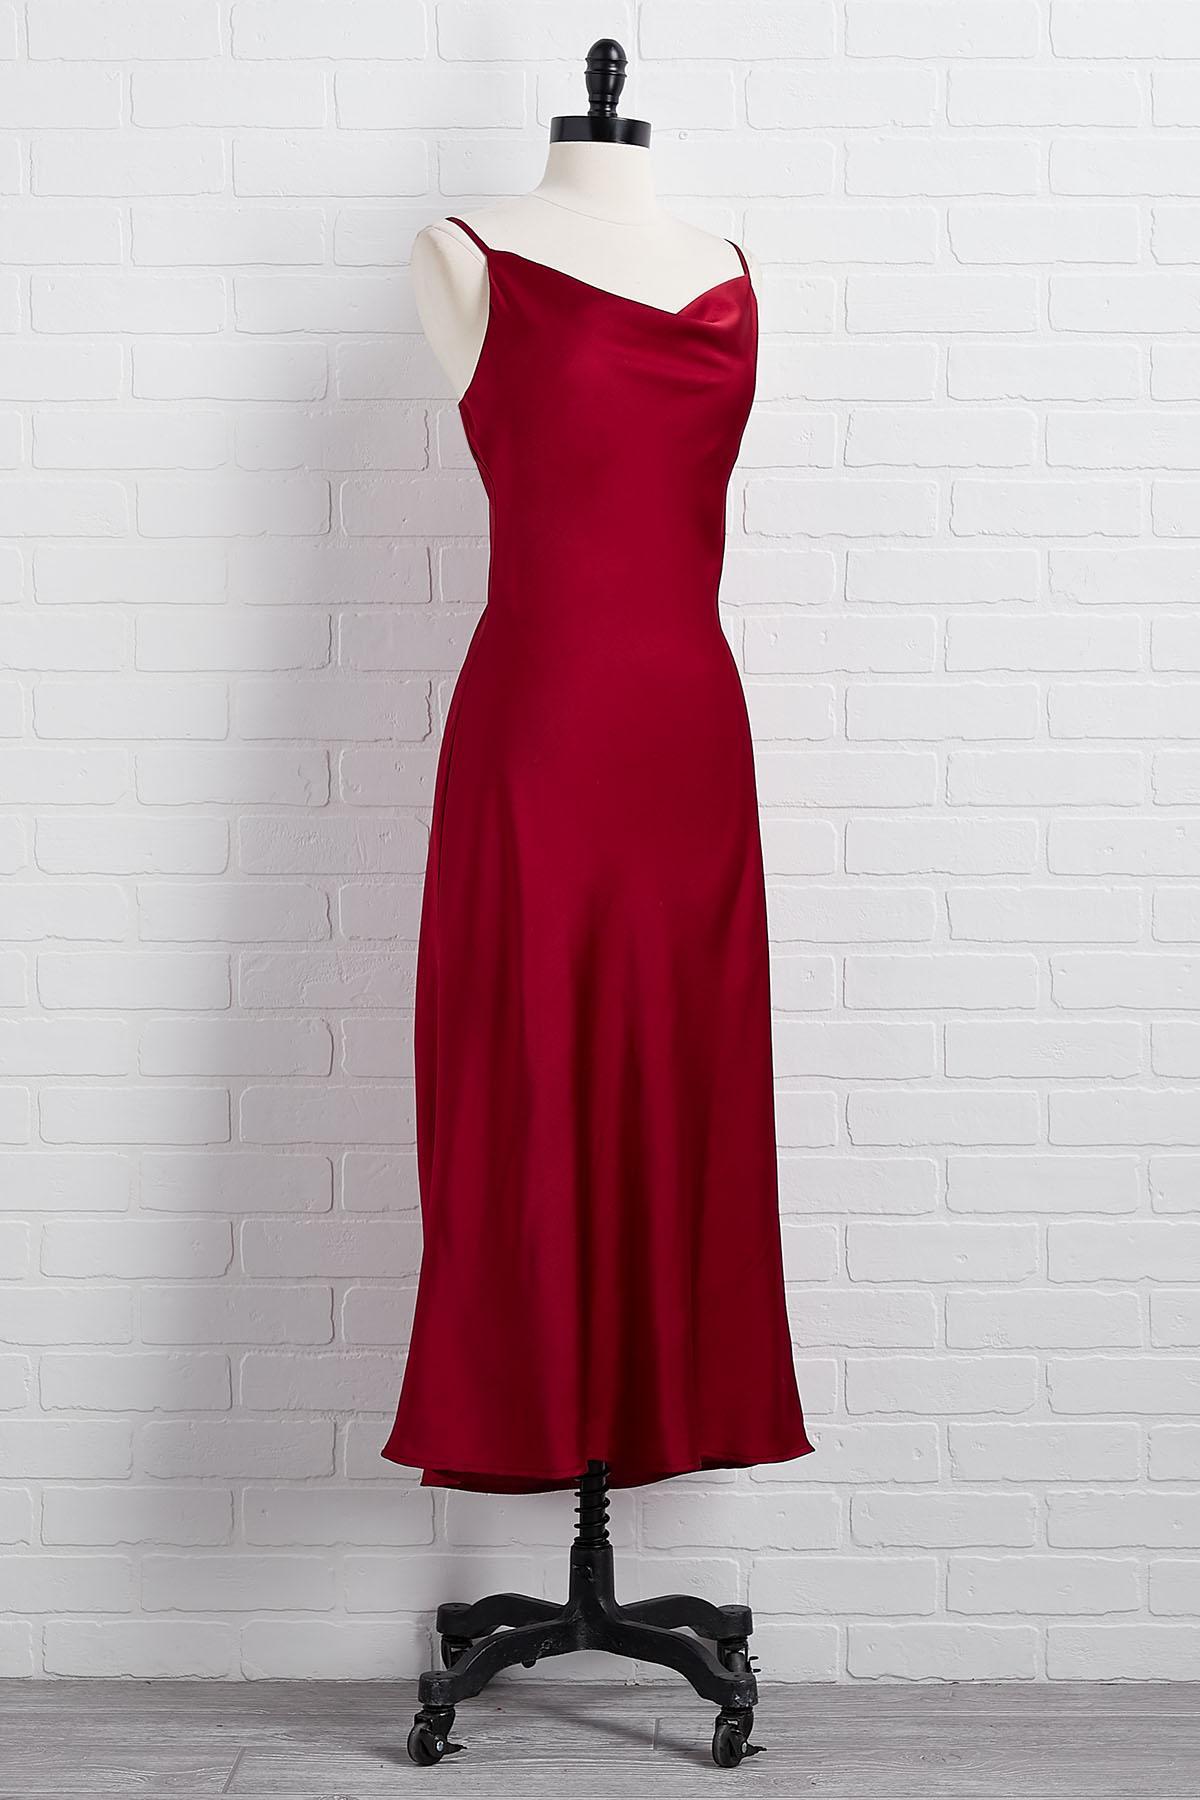 Frankly Scarlet Slip Dress